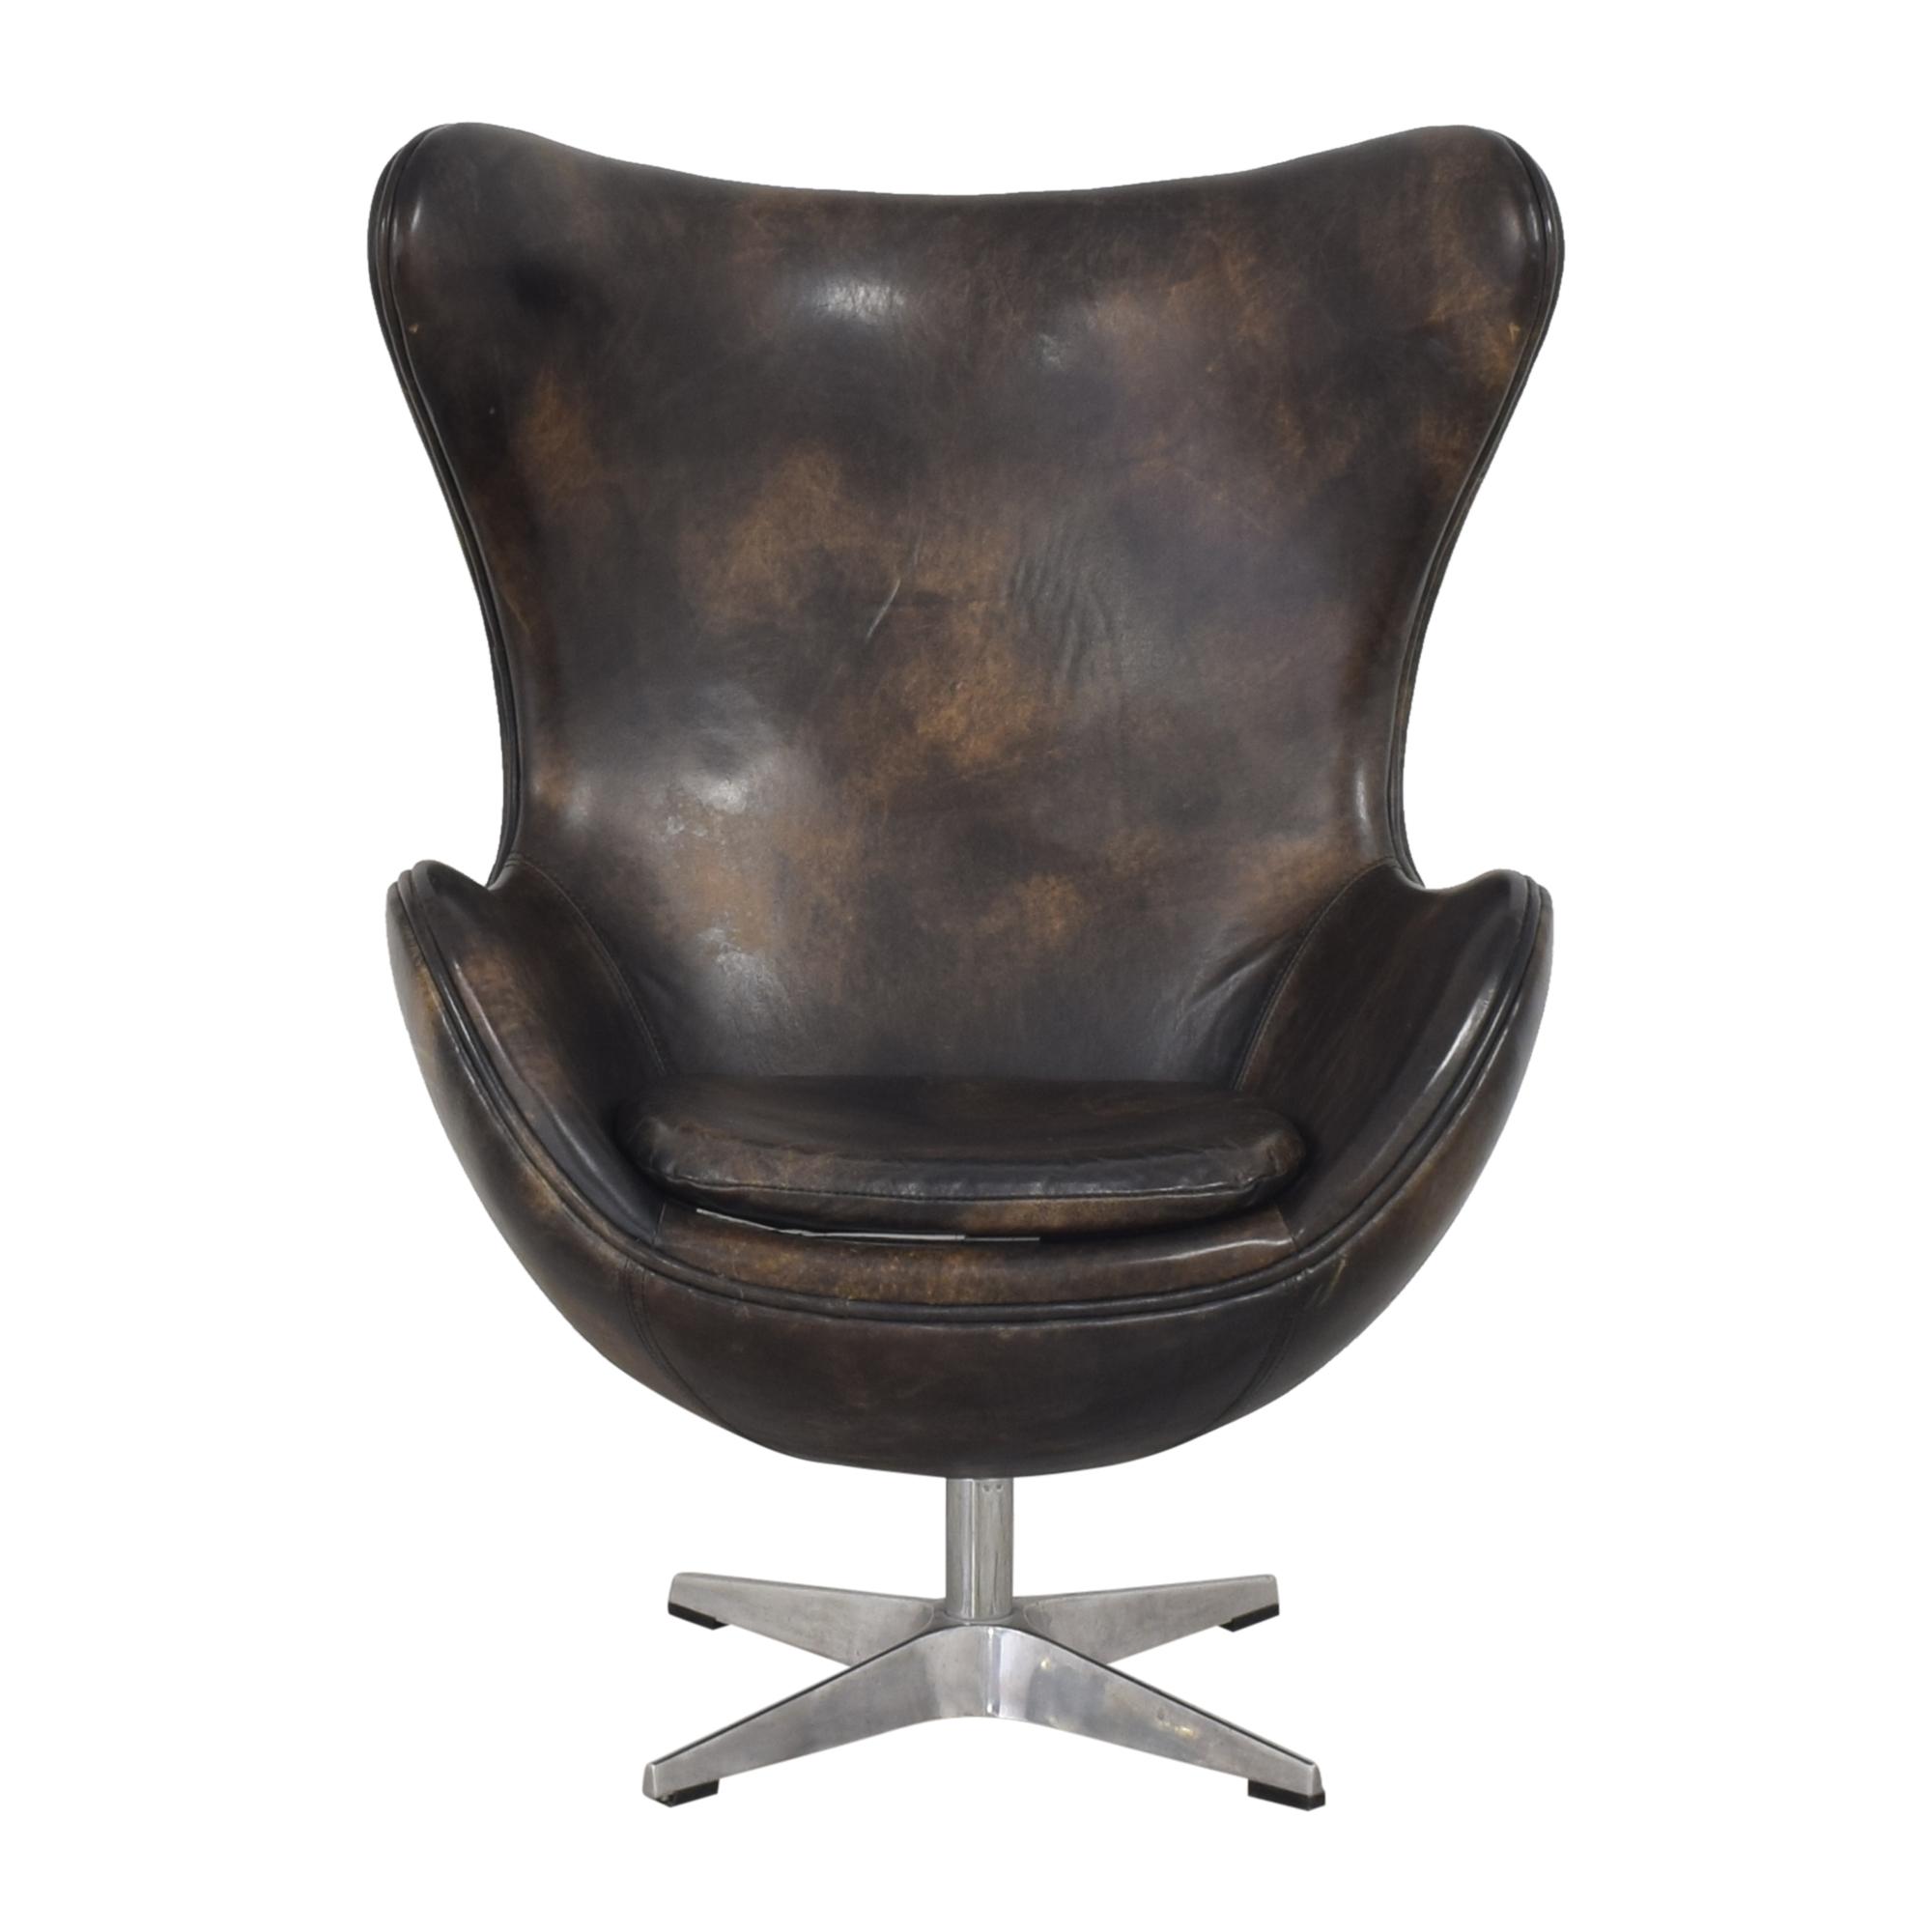 Restoration Hardware 1950s Copenhagen Chair Restoration Hardware